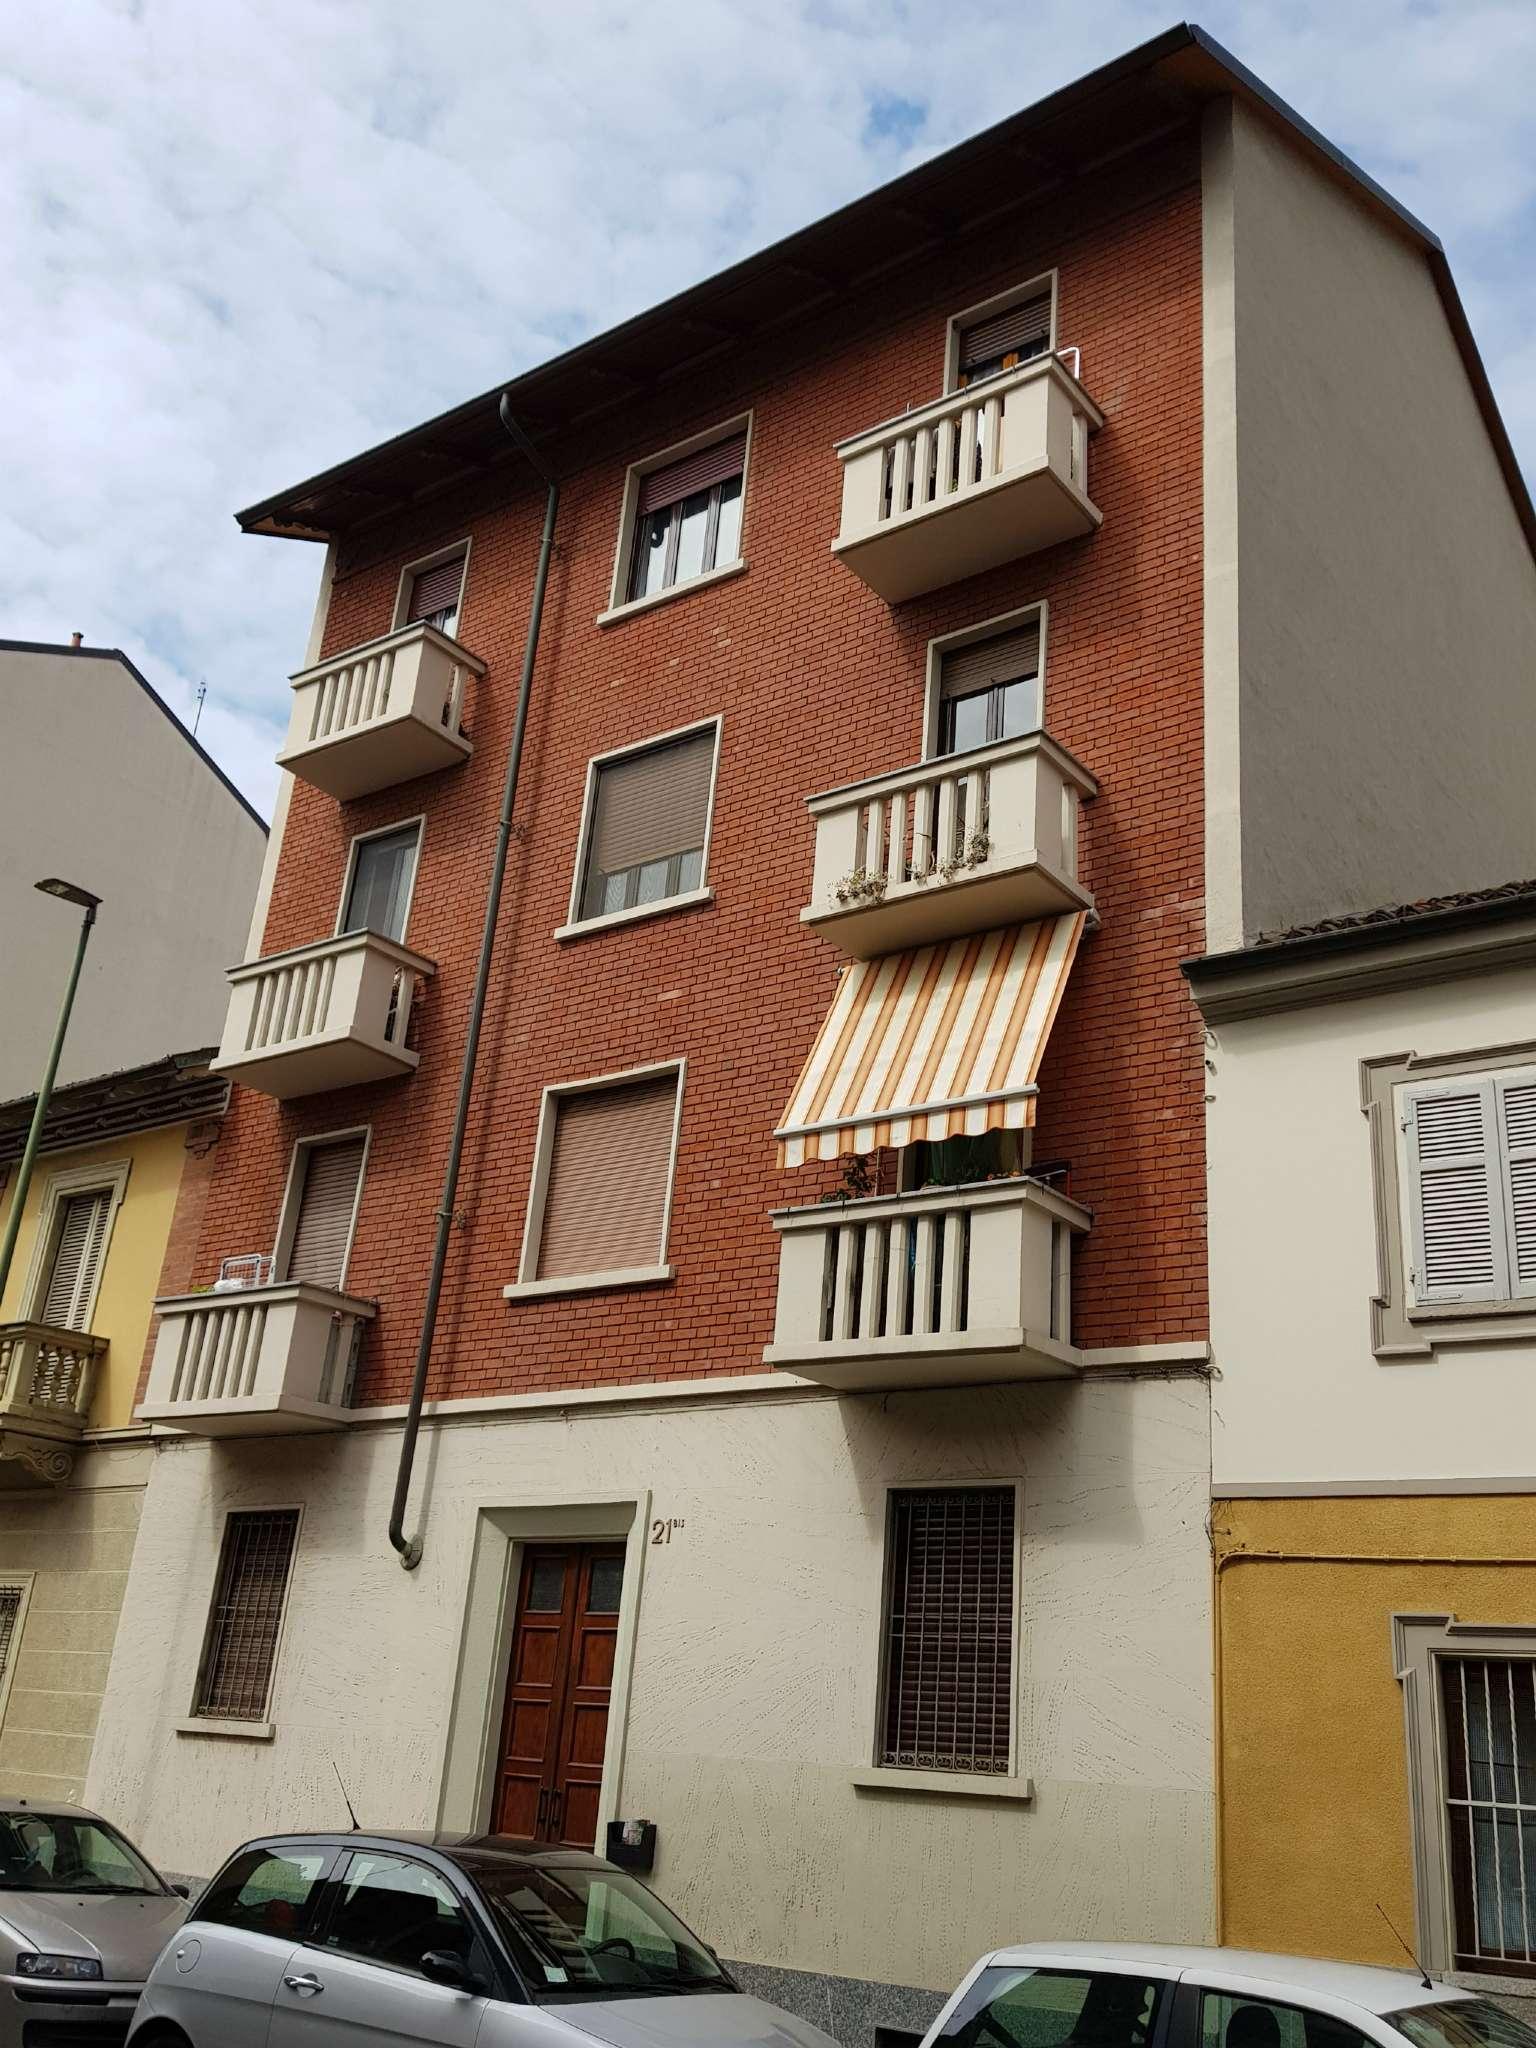 Immagine immobiliare parella bilocale in piccola palazzina € 65.000 descrizione dell'appartamento l'appartamento, con doppia esposizione, è posto al 2° piano ed è composto da ingresso, cucina, camera da letto, bagno, 2...